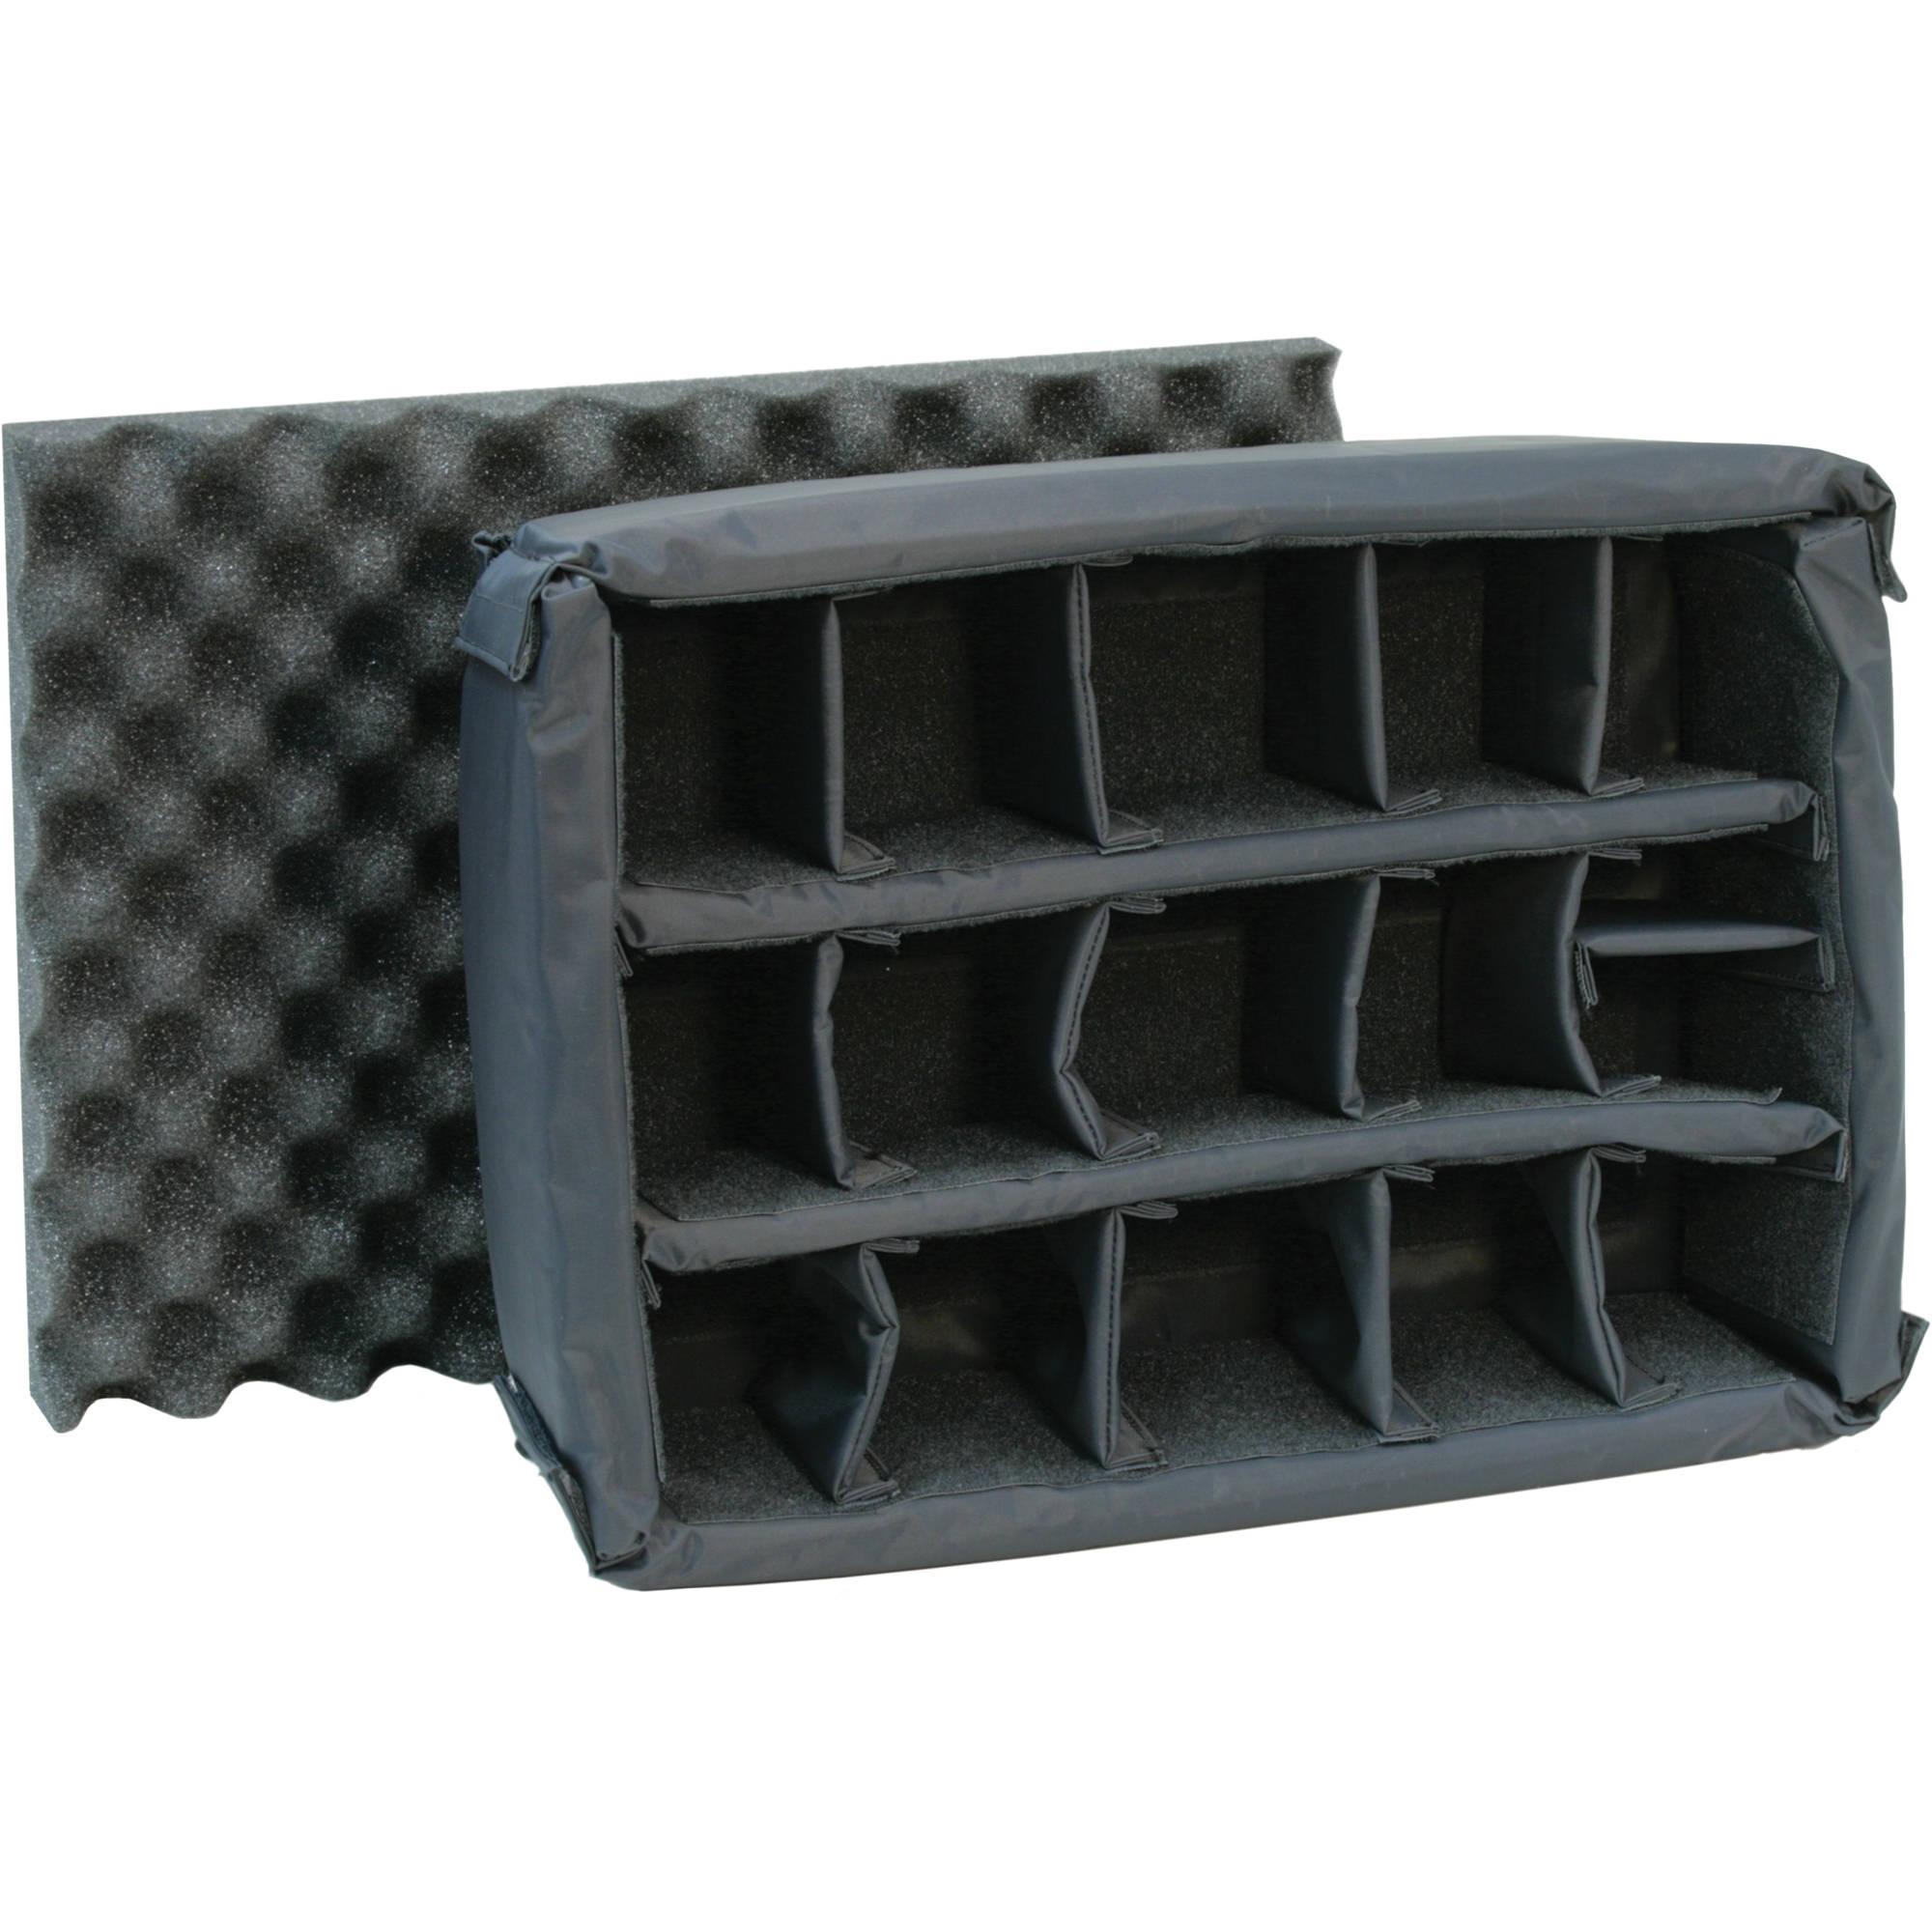 nanuk padded divider insert for 930 case 930 divi b h photo